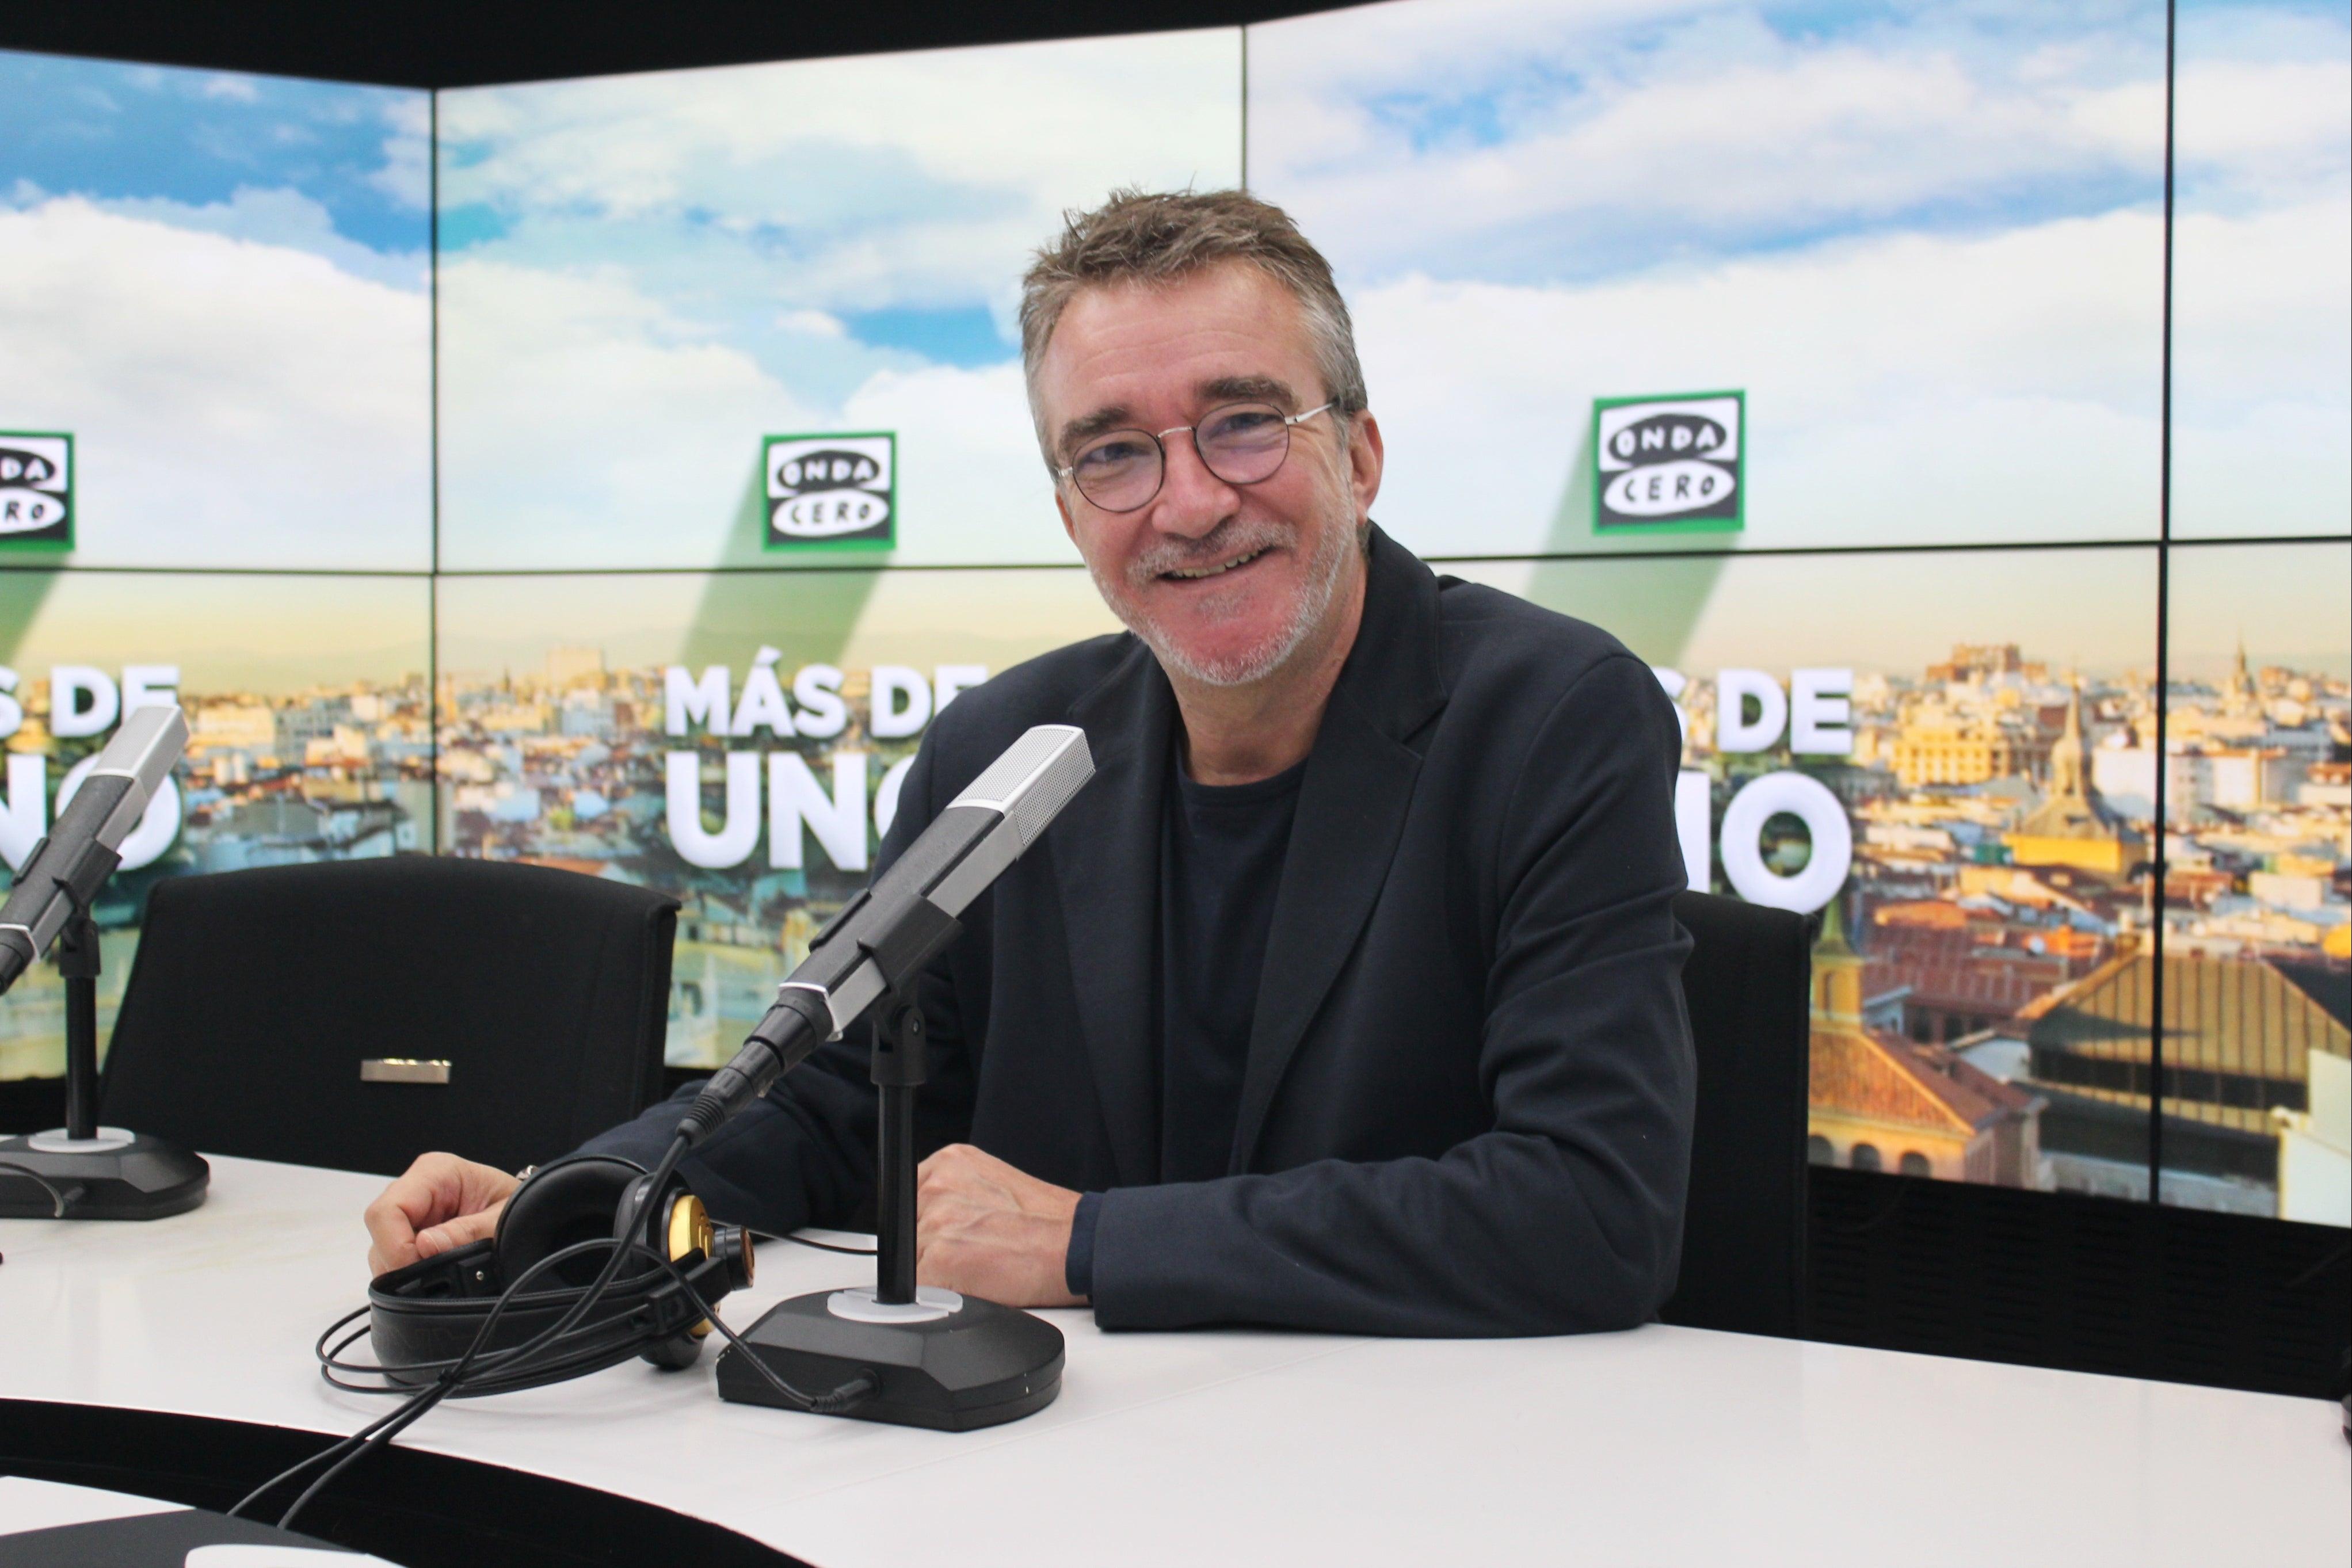 """Javier Ruiz Taboada: """"Hay quien escucha como quien oye nevar y quien prefiere escuchar lo que no se ha dicho"""""""